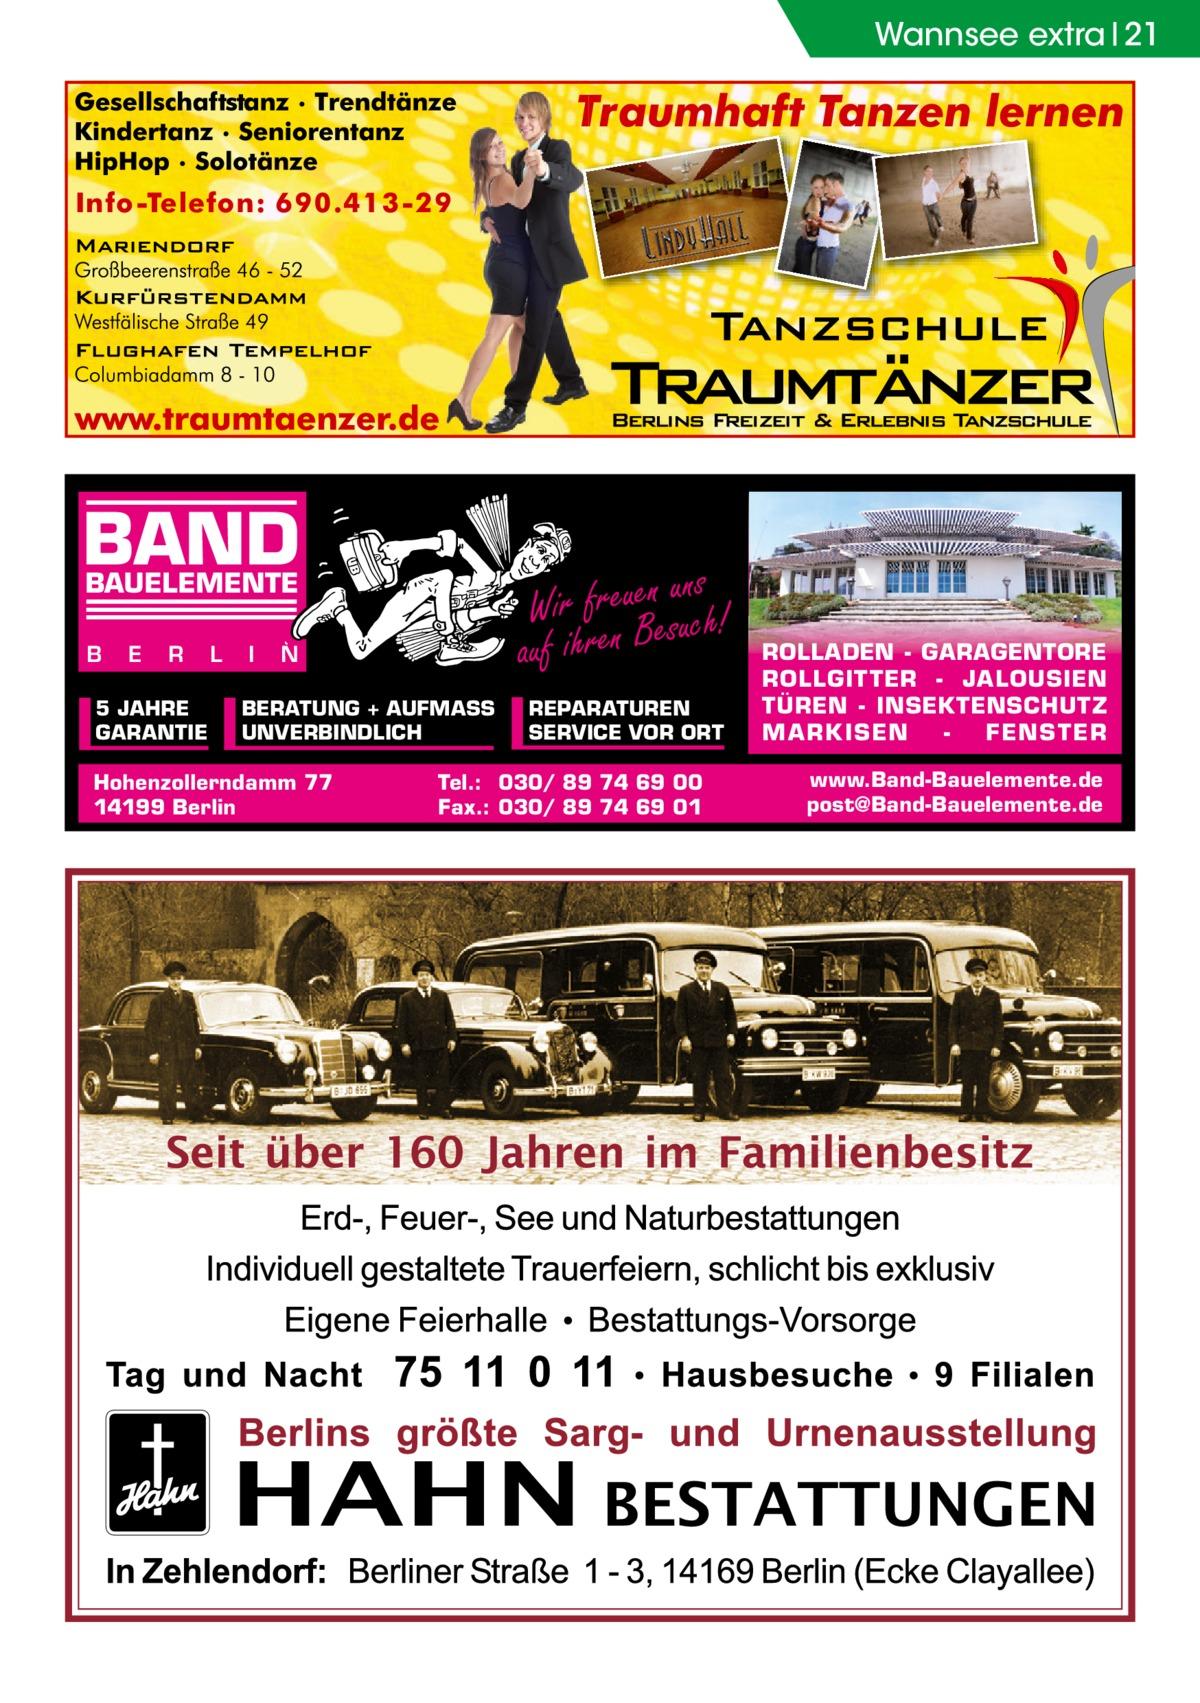 Wannsee extra 21  BAND  ns Wir freuenesuuch! auf ihren B  BAUELEMENTE B  E  R  5 JAHRE GARANTIE  L  I  N  BERATUNG + AUFMASS UNVERBINDLICH  Hohenzollerndamm 77 14199 Berlin  REPARATUREN SERVICE VOR ORT  Tel.: 030/ 89 74 69 00 Fax.: 030/ 89 74 69 01  ROLLADEN - GARAGENTORE ROLLGITTER - JALOUSIEN TÜREN - INSEKTENSCHUTZ M A RK ISEN FENS T ER www.Band-Bauelemente.de post@Band-Bauelemente.de